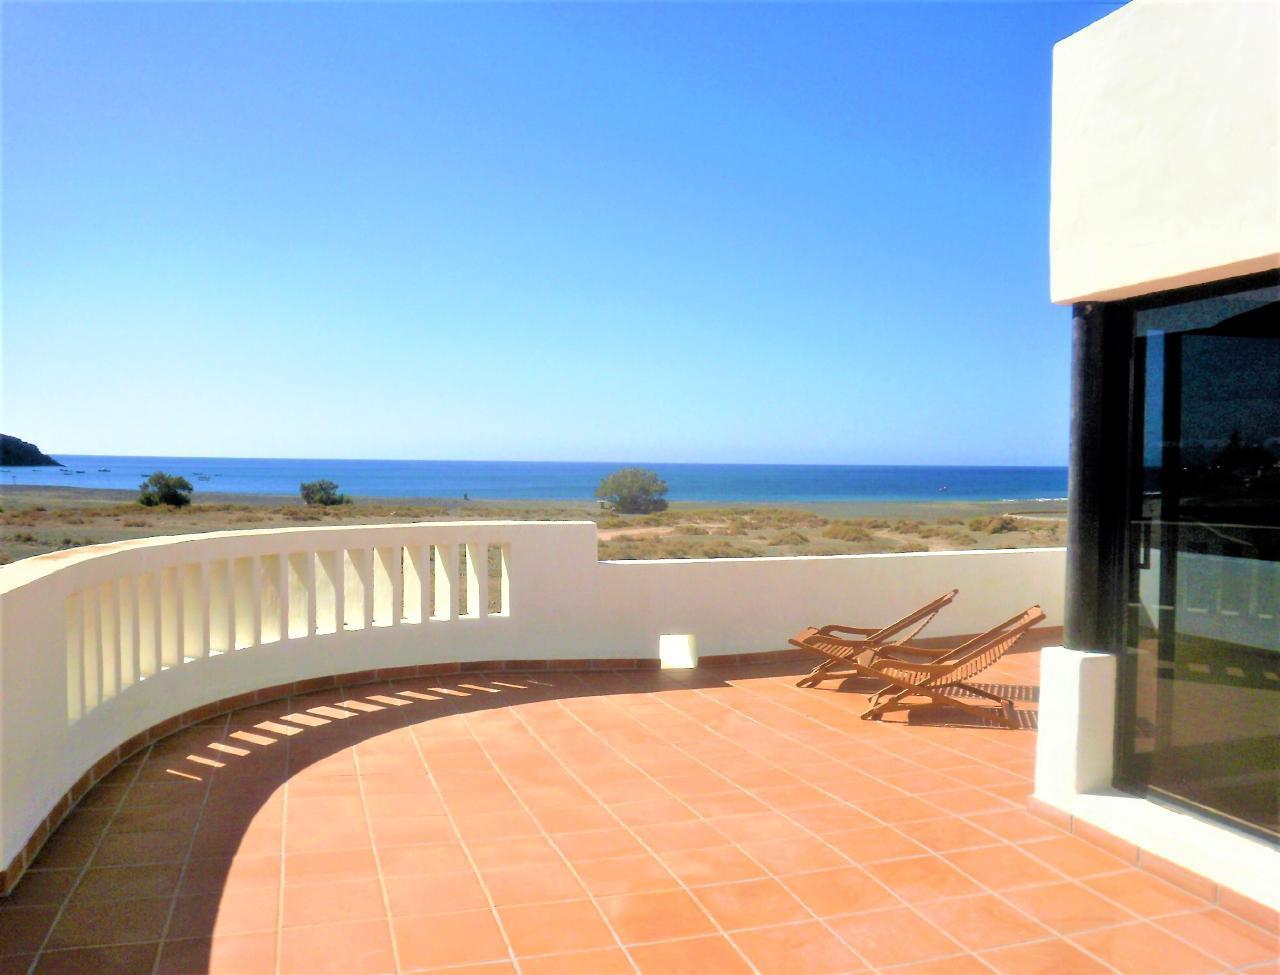 Ferienhaus Exklusive Villa in Strandnähe (642541), Giniginamar, Fuerteventura, Kanarische Inseln, Spanien, Bild 44